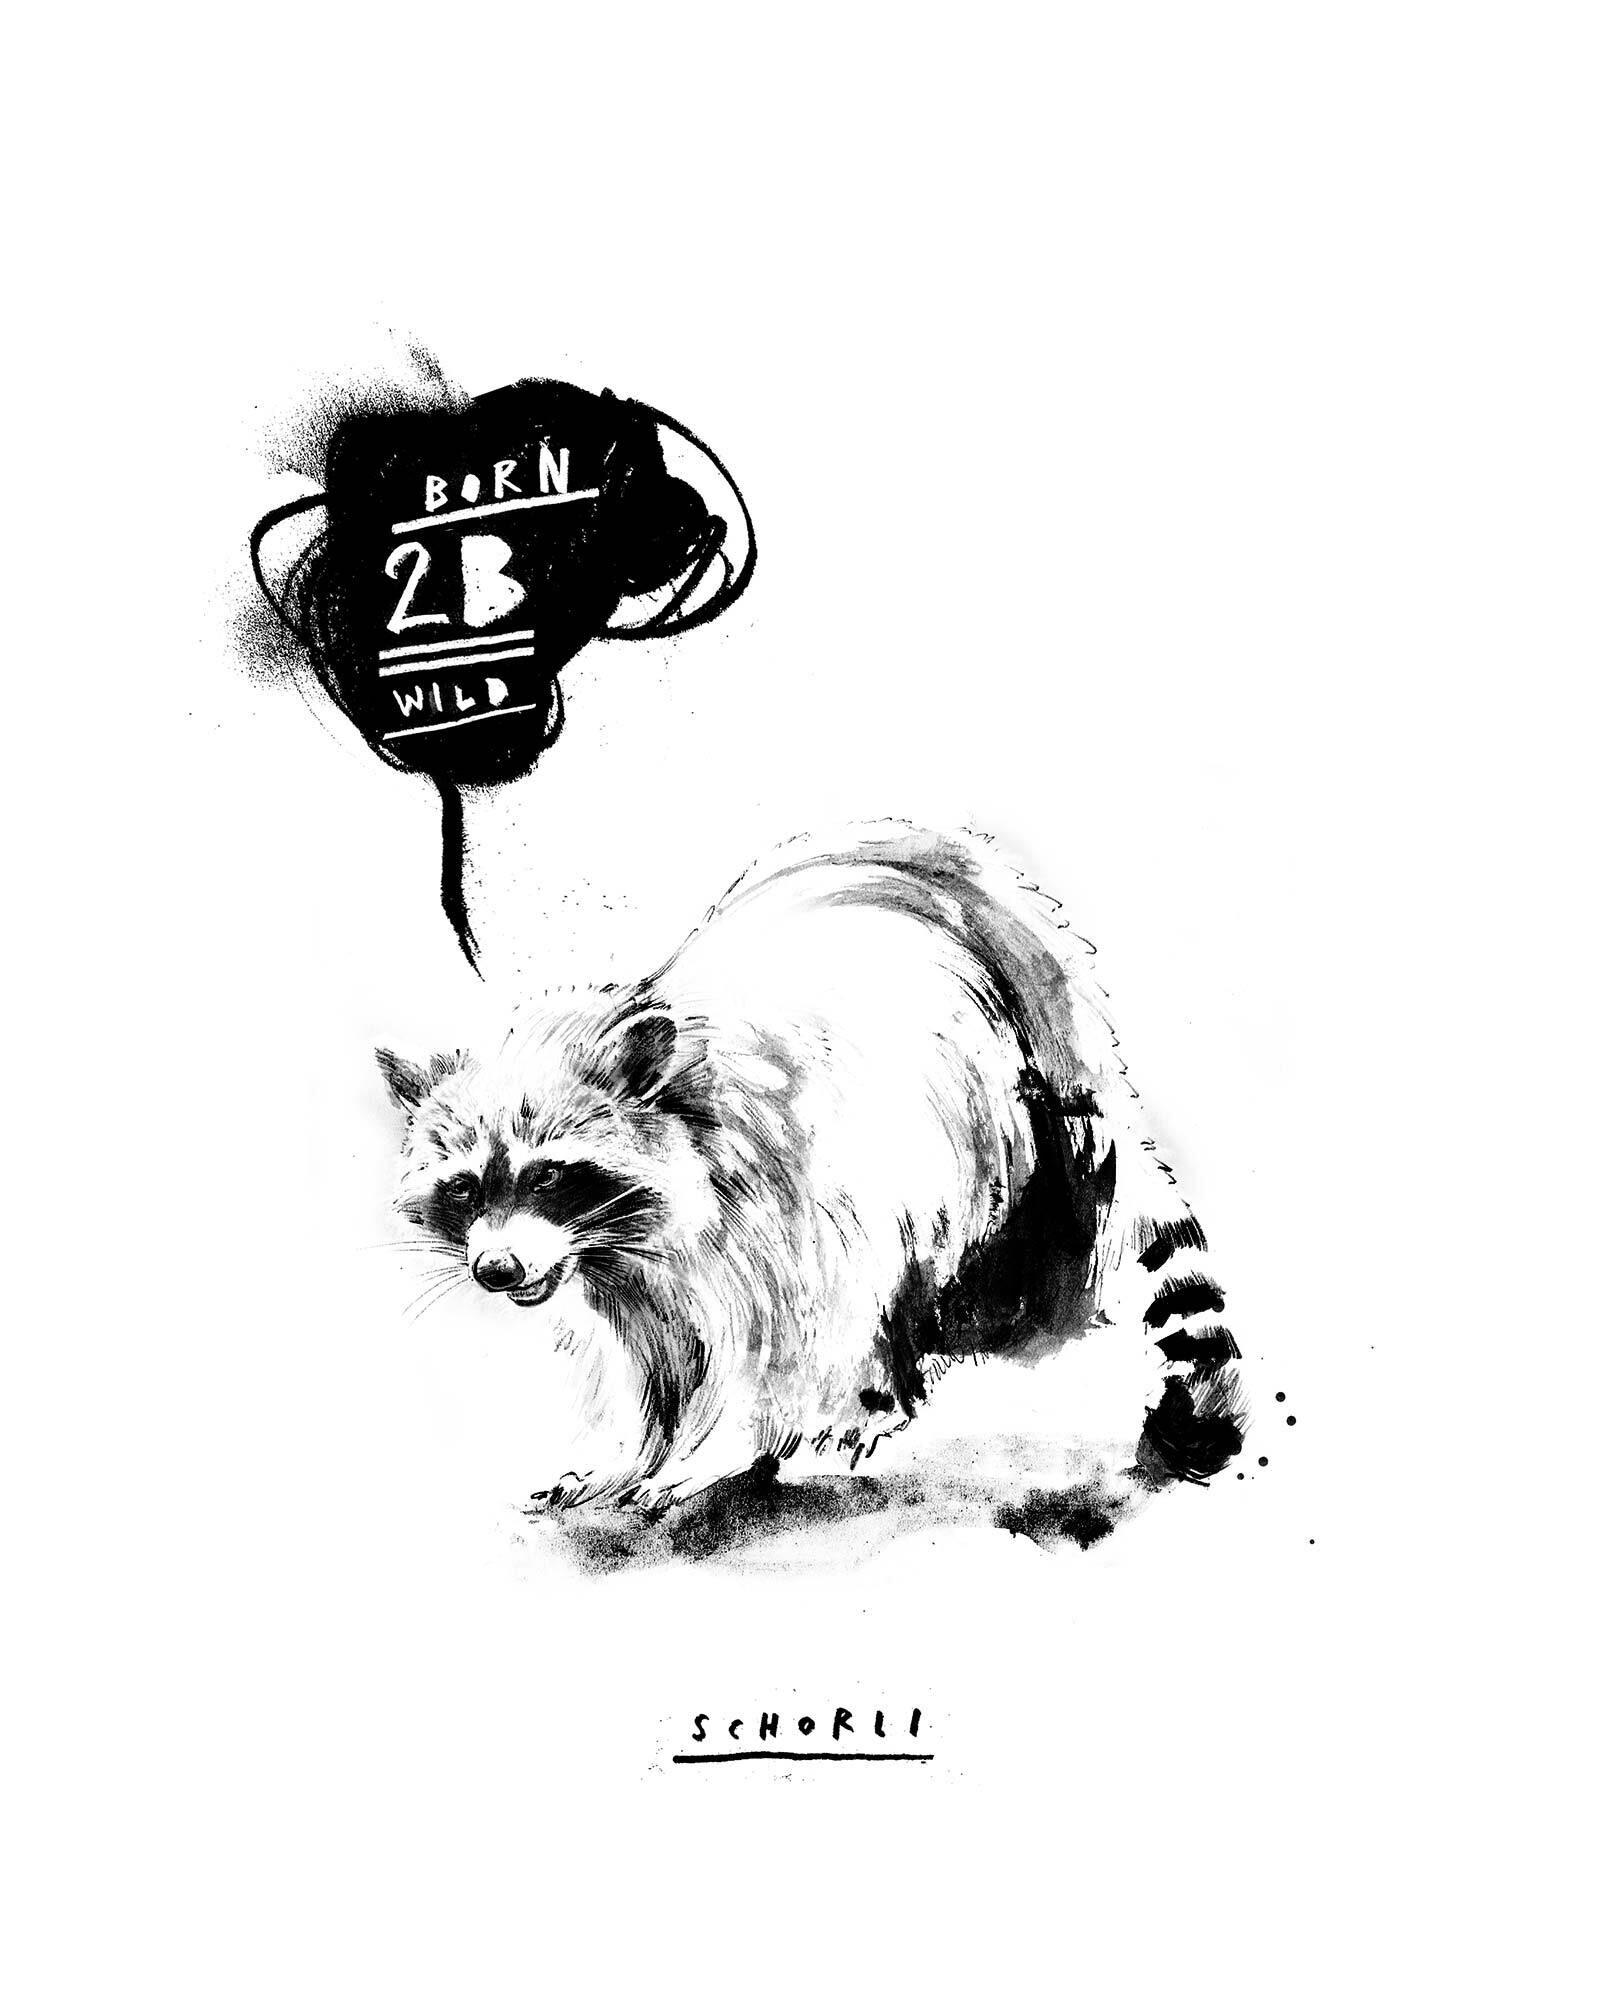 Born 2b wild artwork - Kornel Illustration | Kornel Stadler portfolio